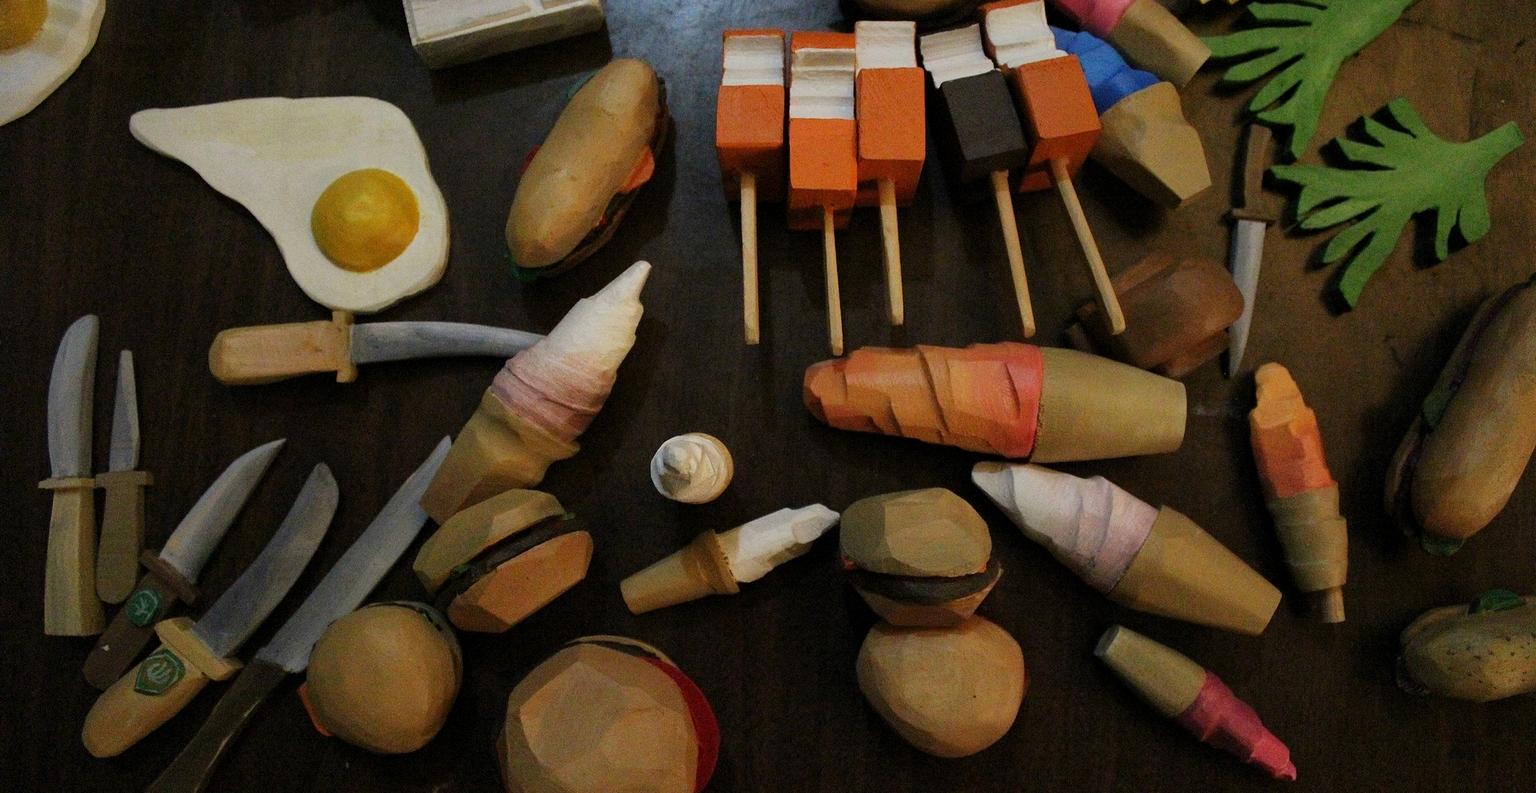 David et Vincent Lafrance fabriquent et peignent à la main des jouets uniques. ©AL